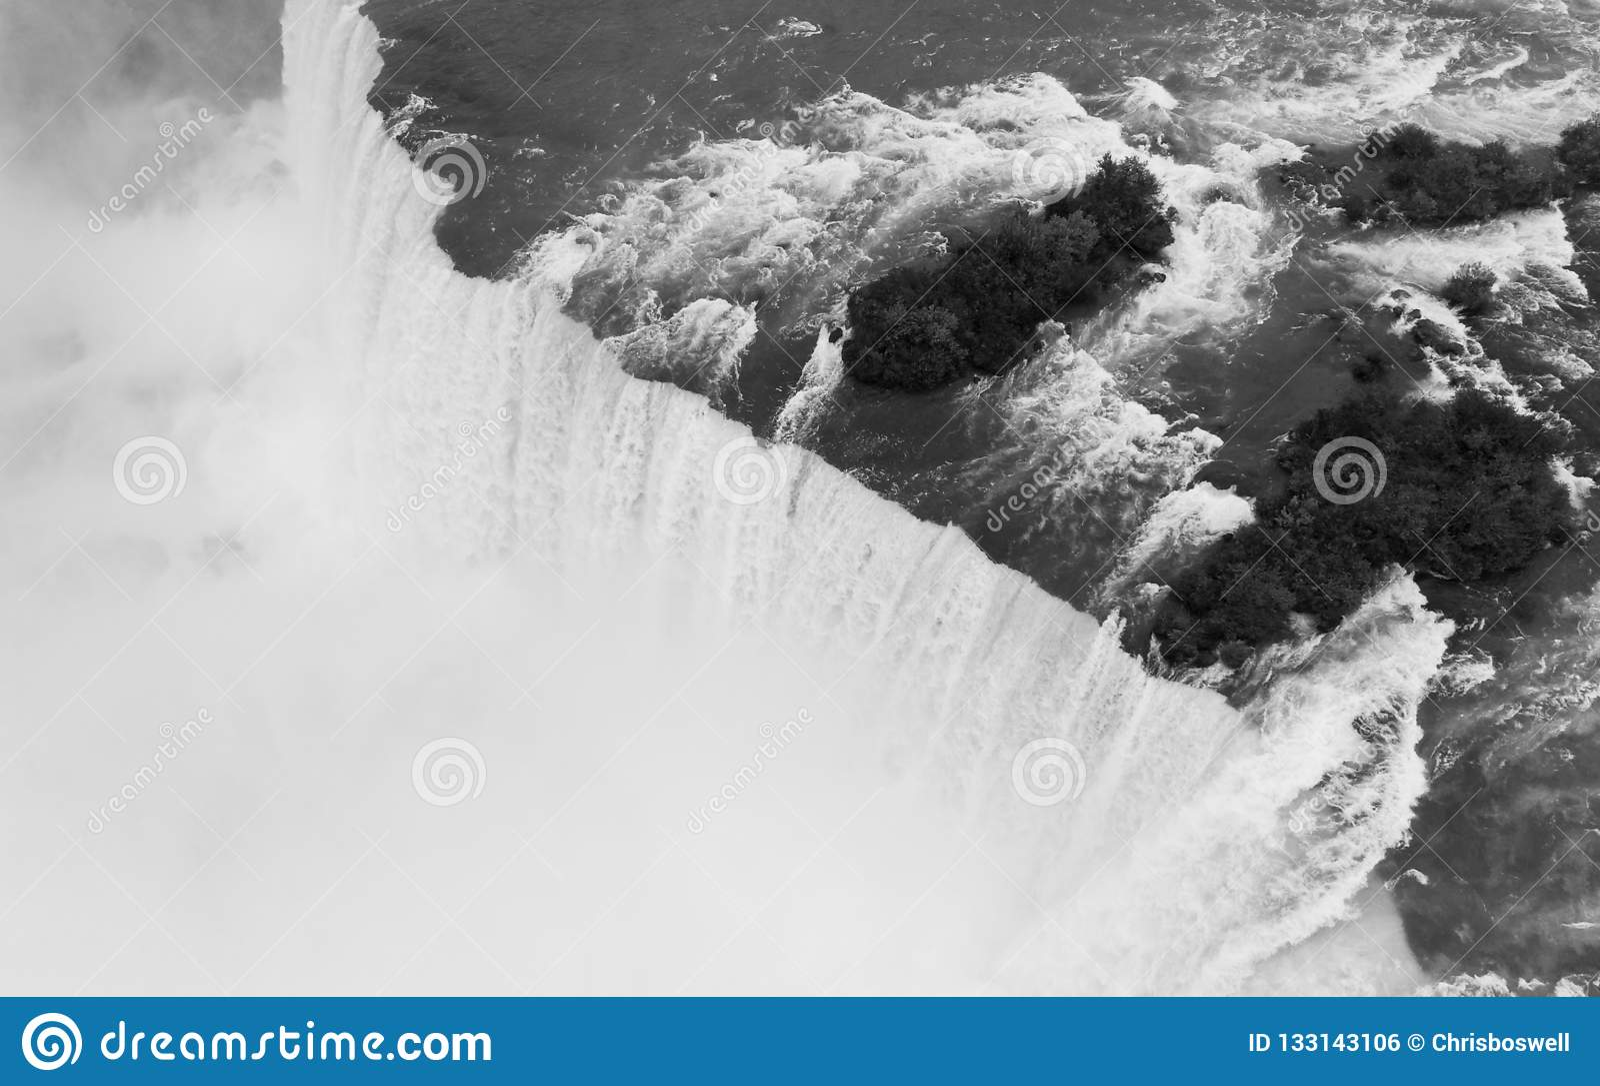 Река Ниагара режет до конца Соединенные Штаты и Канаду на h